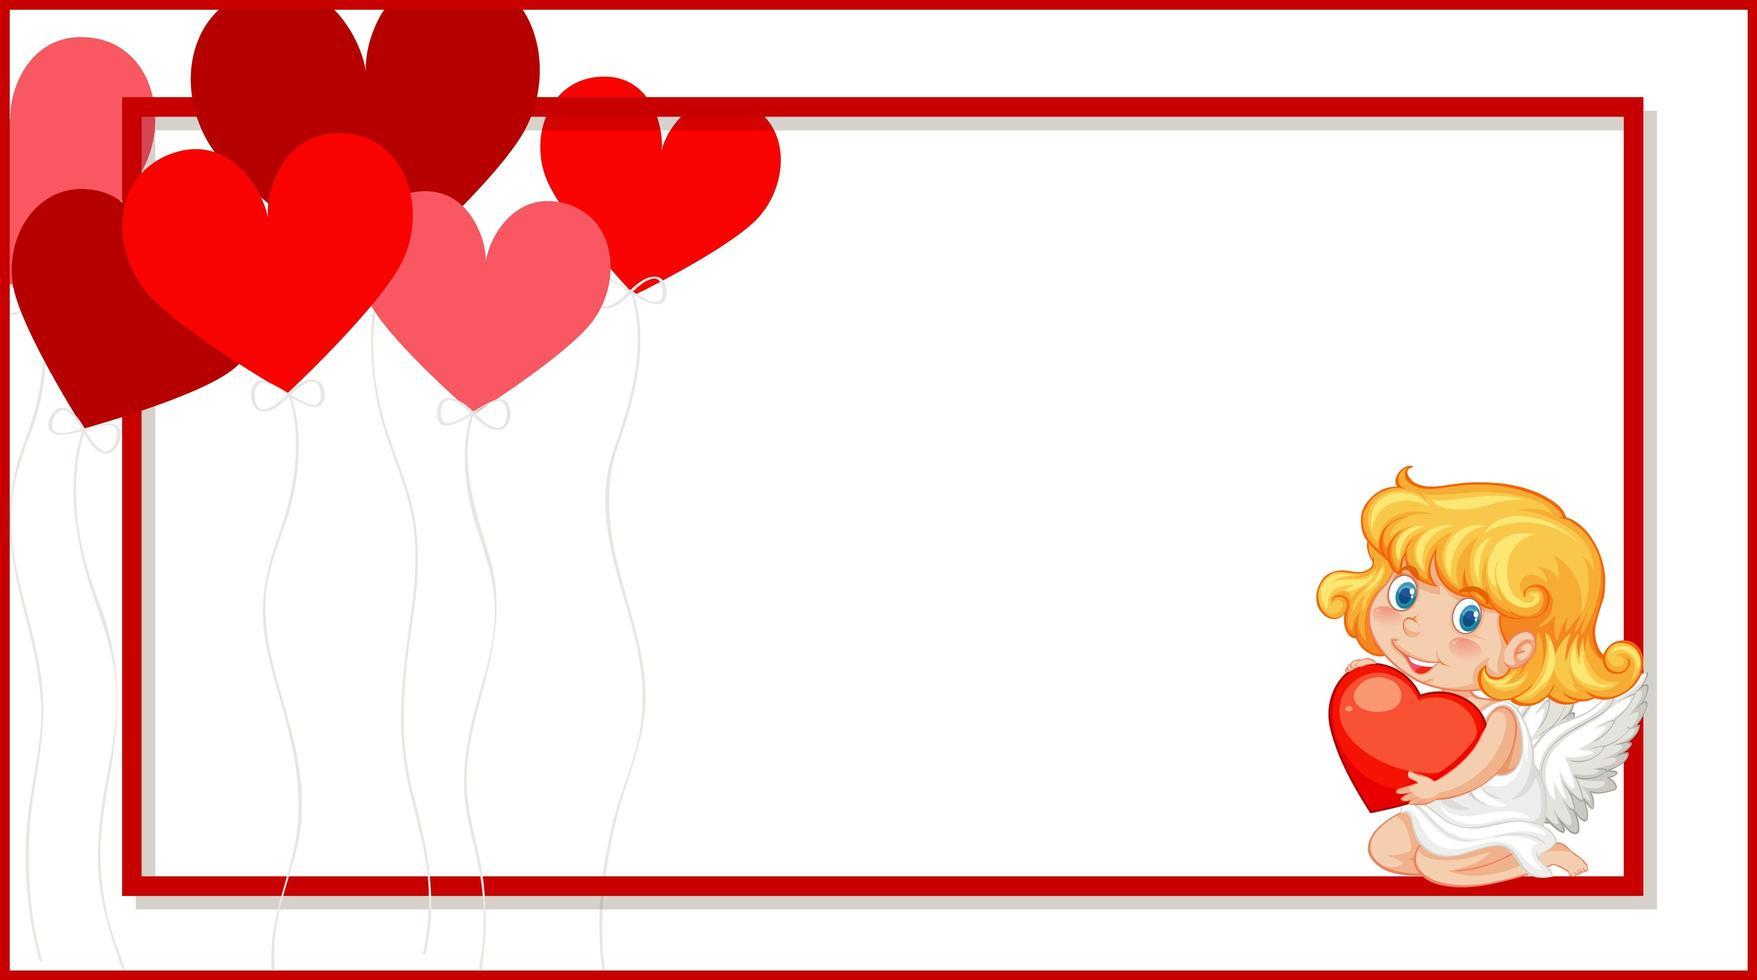 fond de la Saint-Valentin avec des coeurs Cupidon vecteur